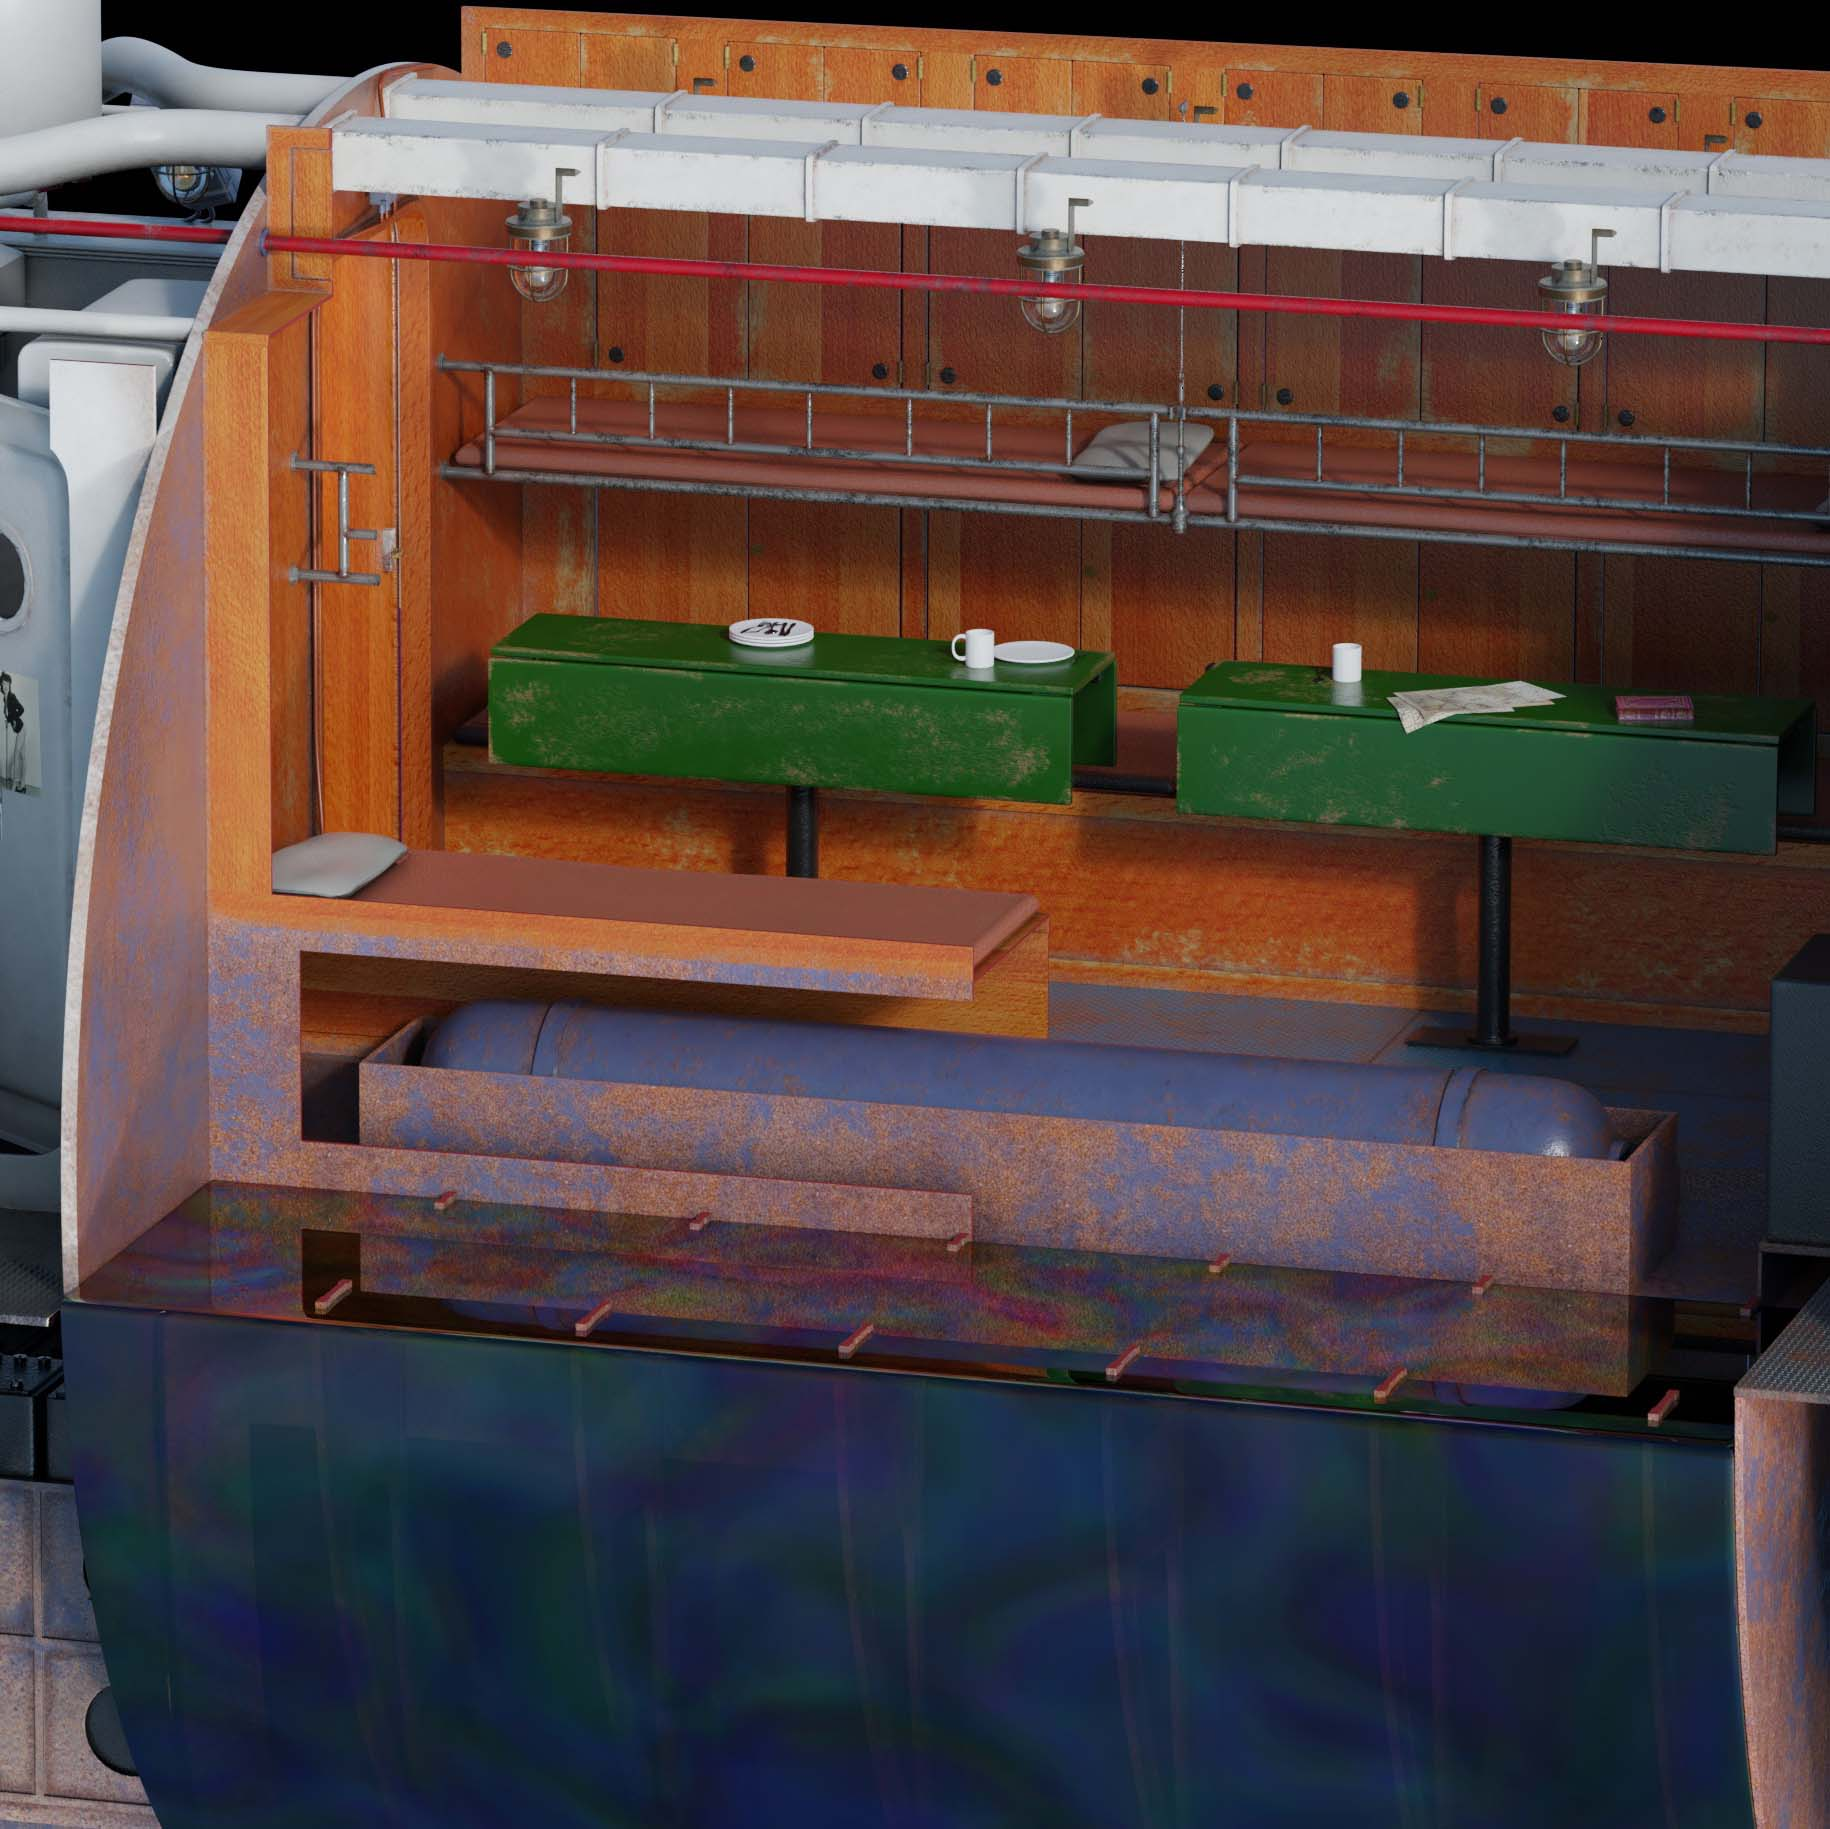 Cutaway Type VII U-Boat WIP - Works in Progress - Blender